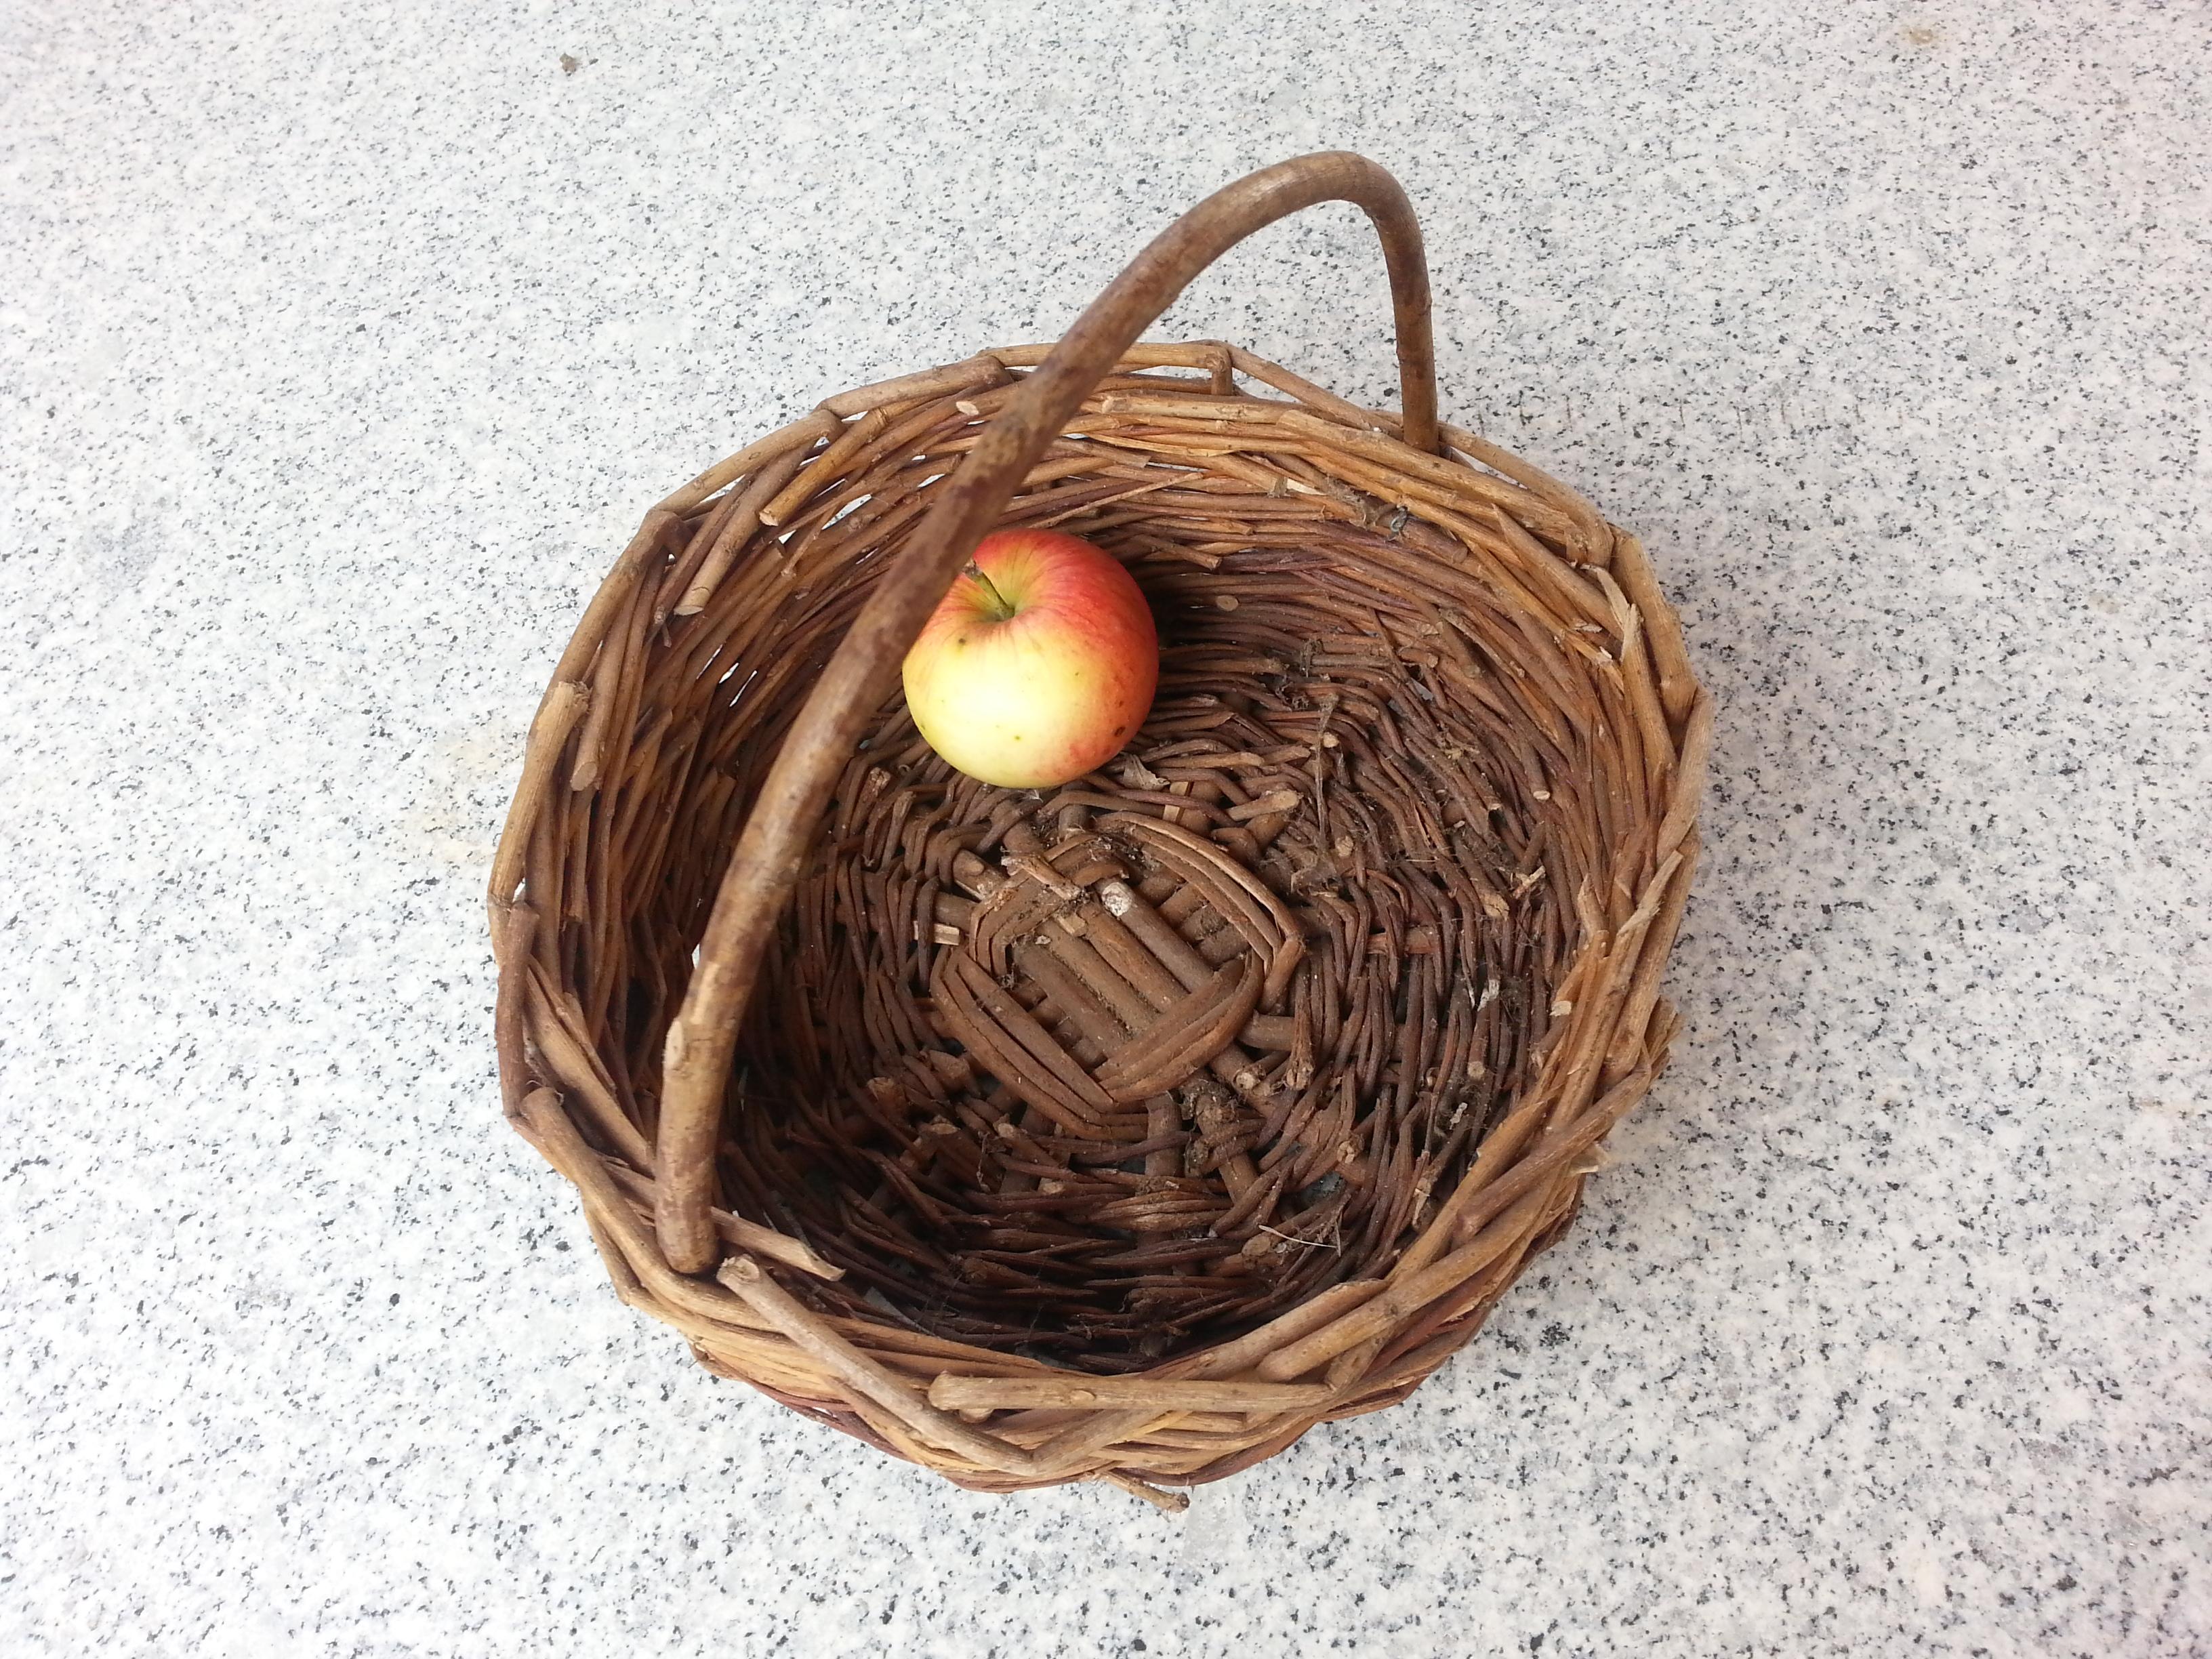 manzana- la incomodidad de los vegetales feos